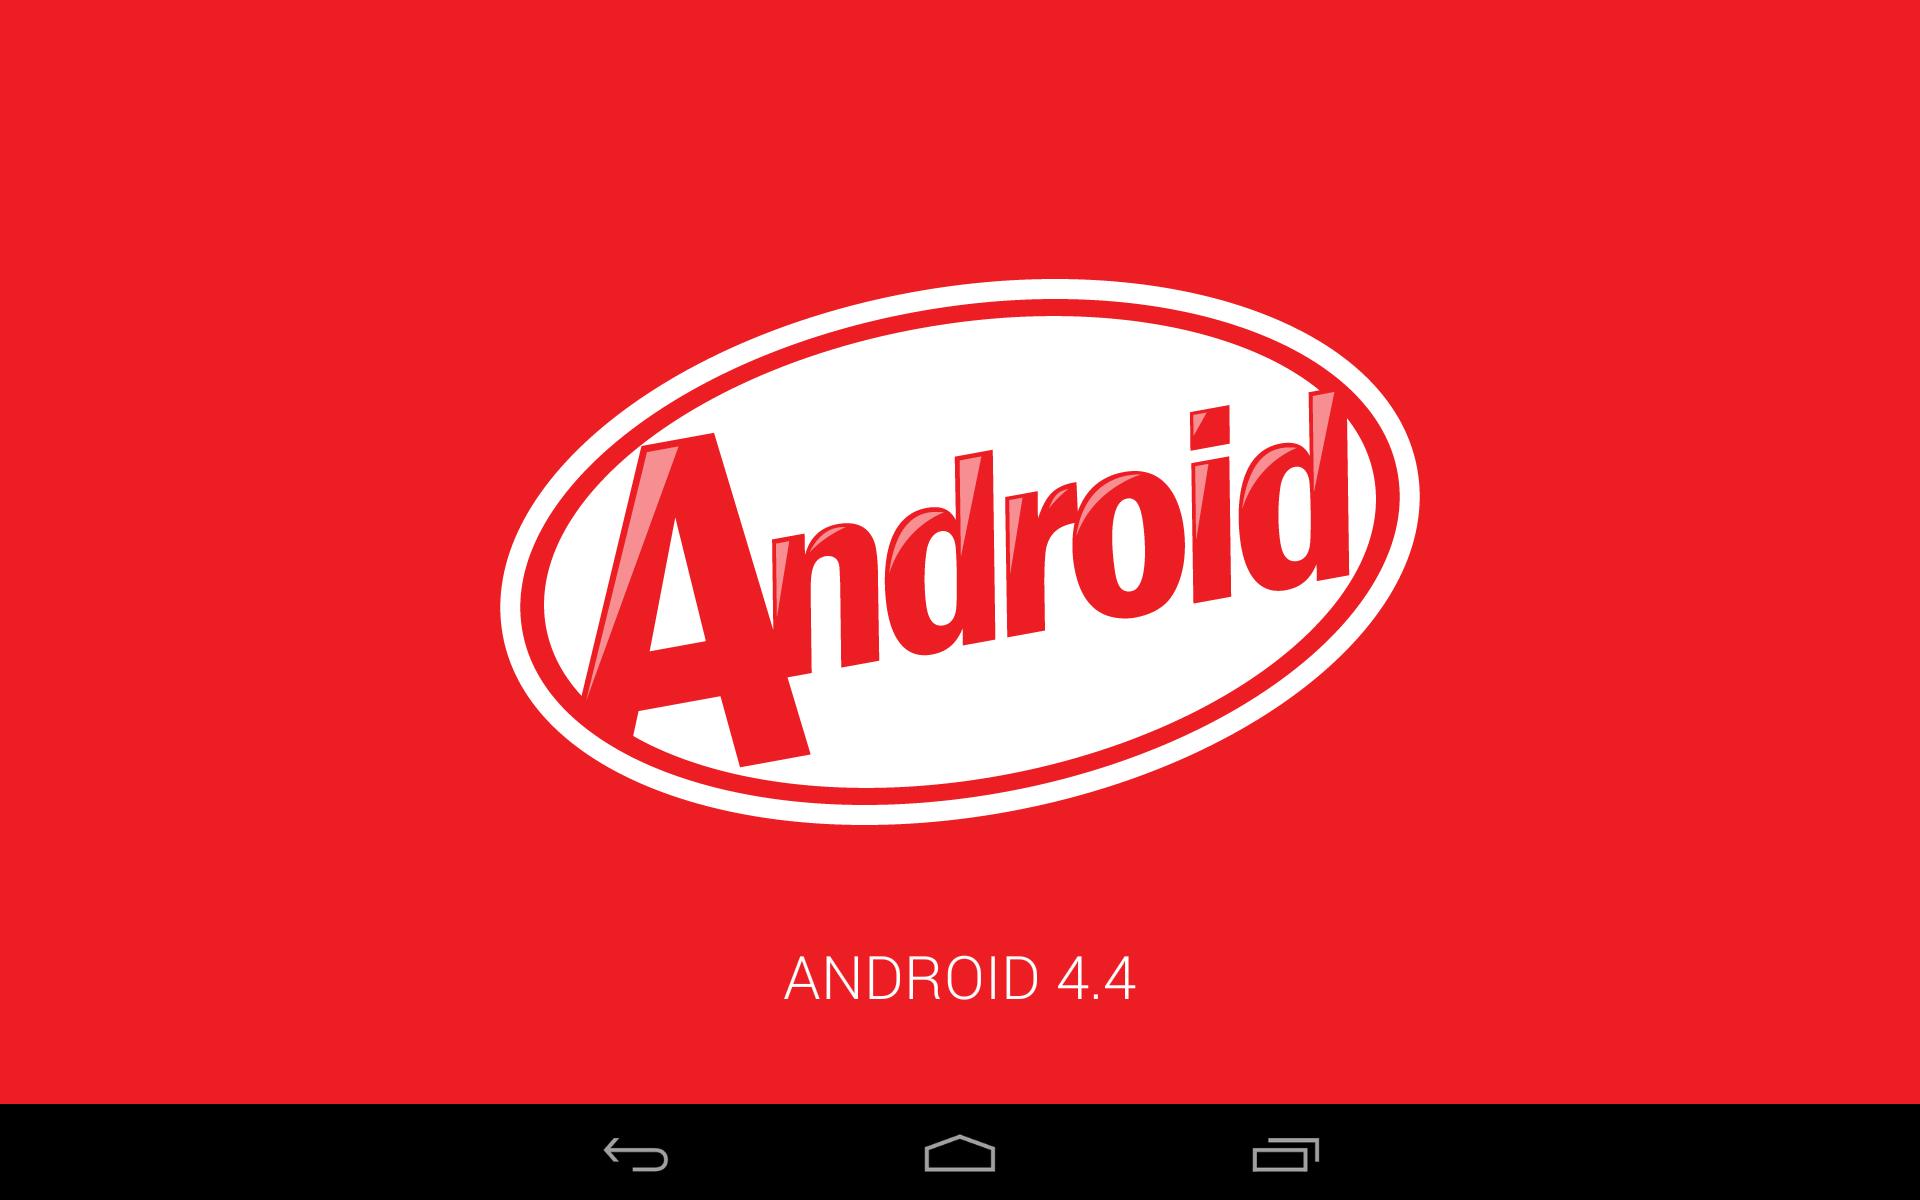 sAndroid 4.4